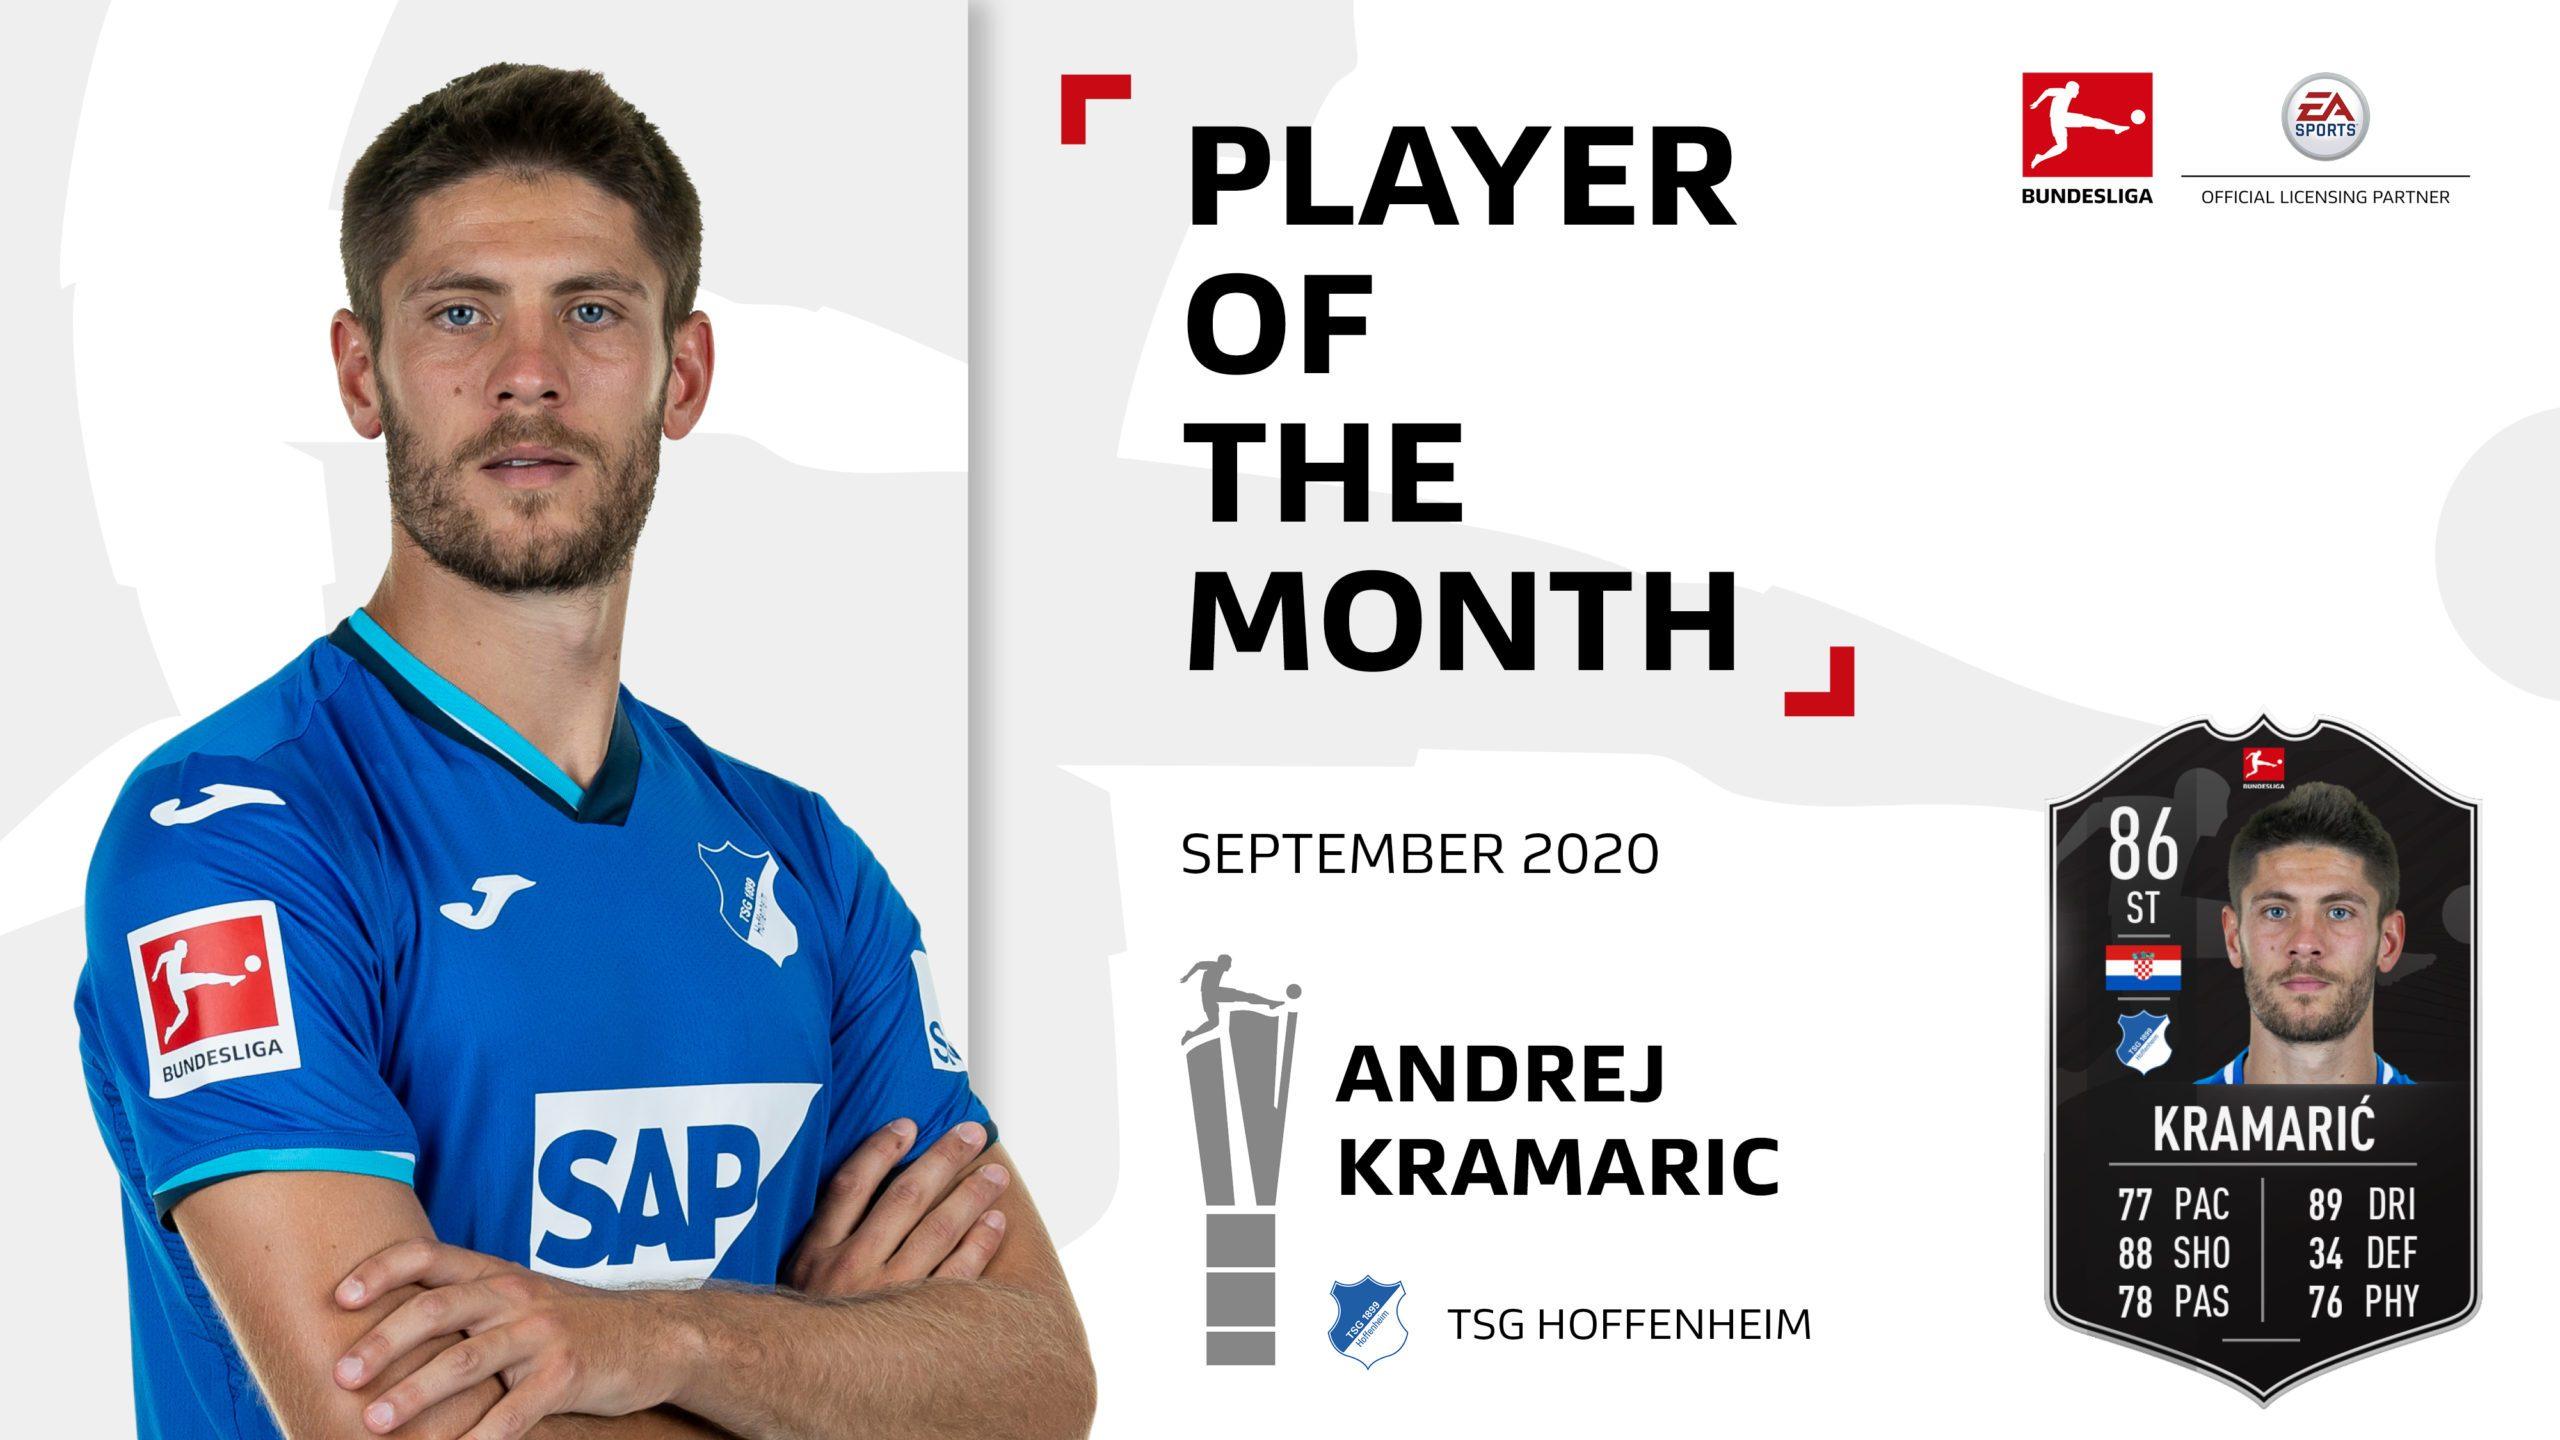 Andrej Kramaric named September Player of the Month!